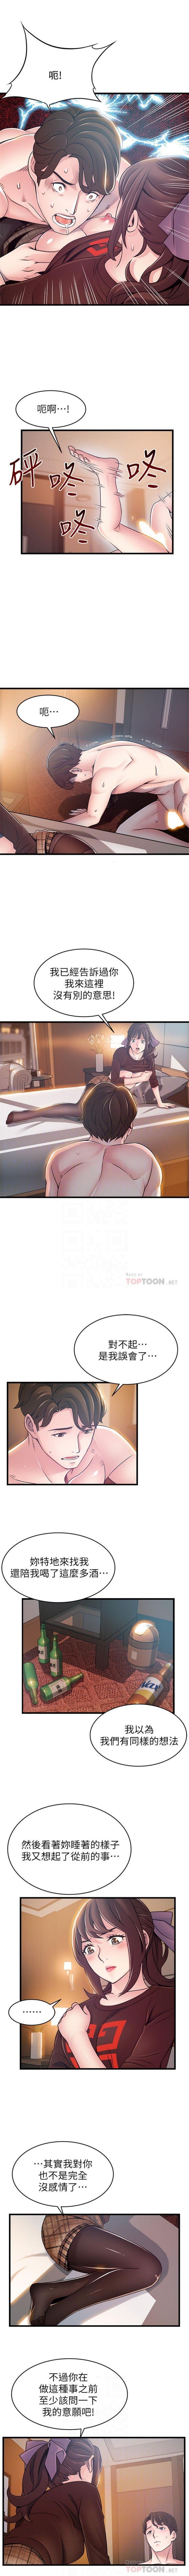 弱點 1-107 官方中文(連載中) 434